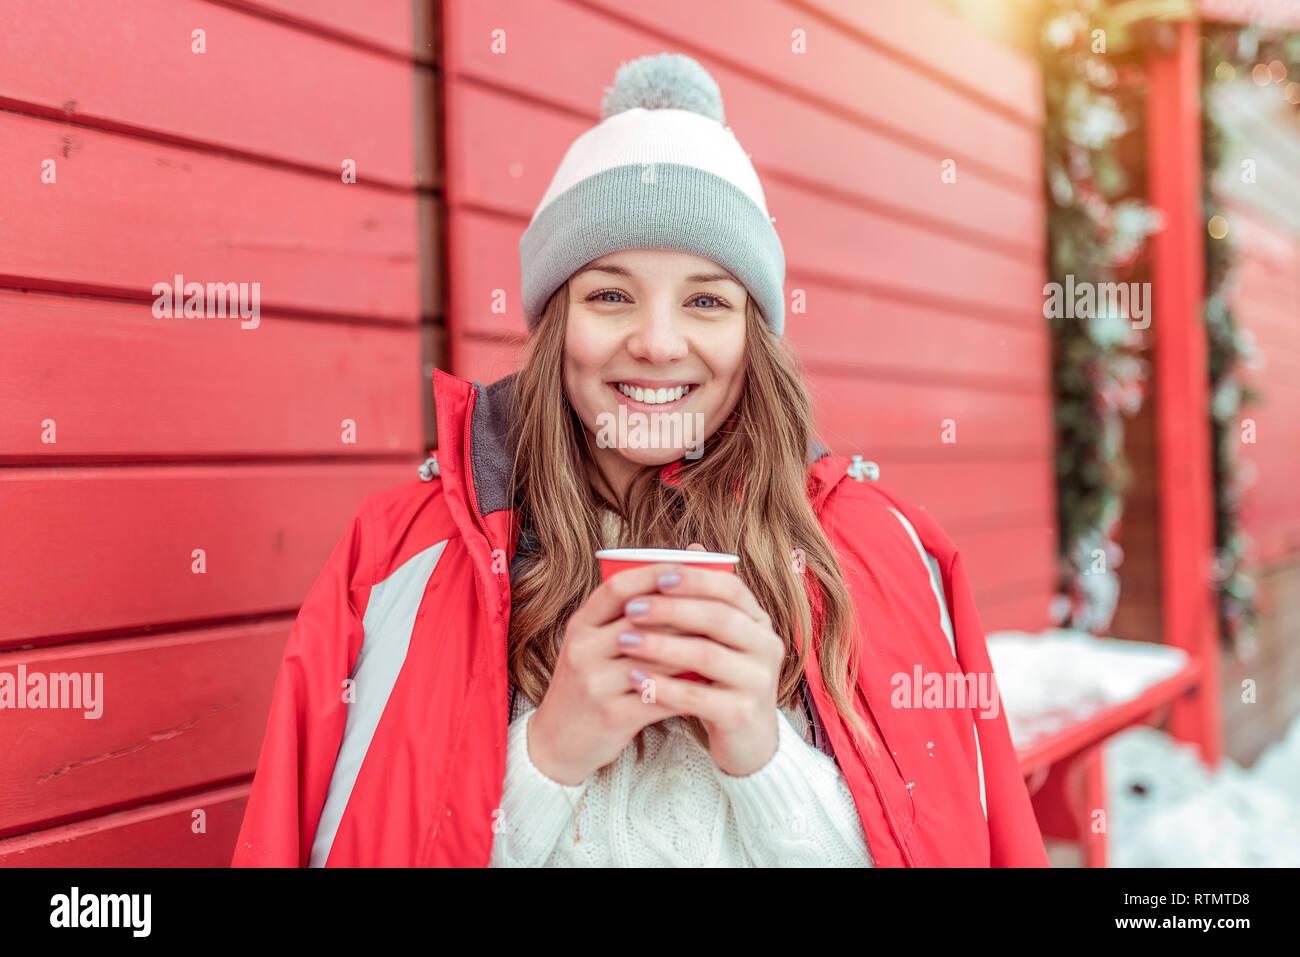 Bella mujer en invierno en una chaqueta sobre un fondo de color rojo con contraventanas de madera. Sosteniendo una taza de café, té. Feliz sonriendo y riendo. Holiday Resort Foto de stock